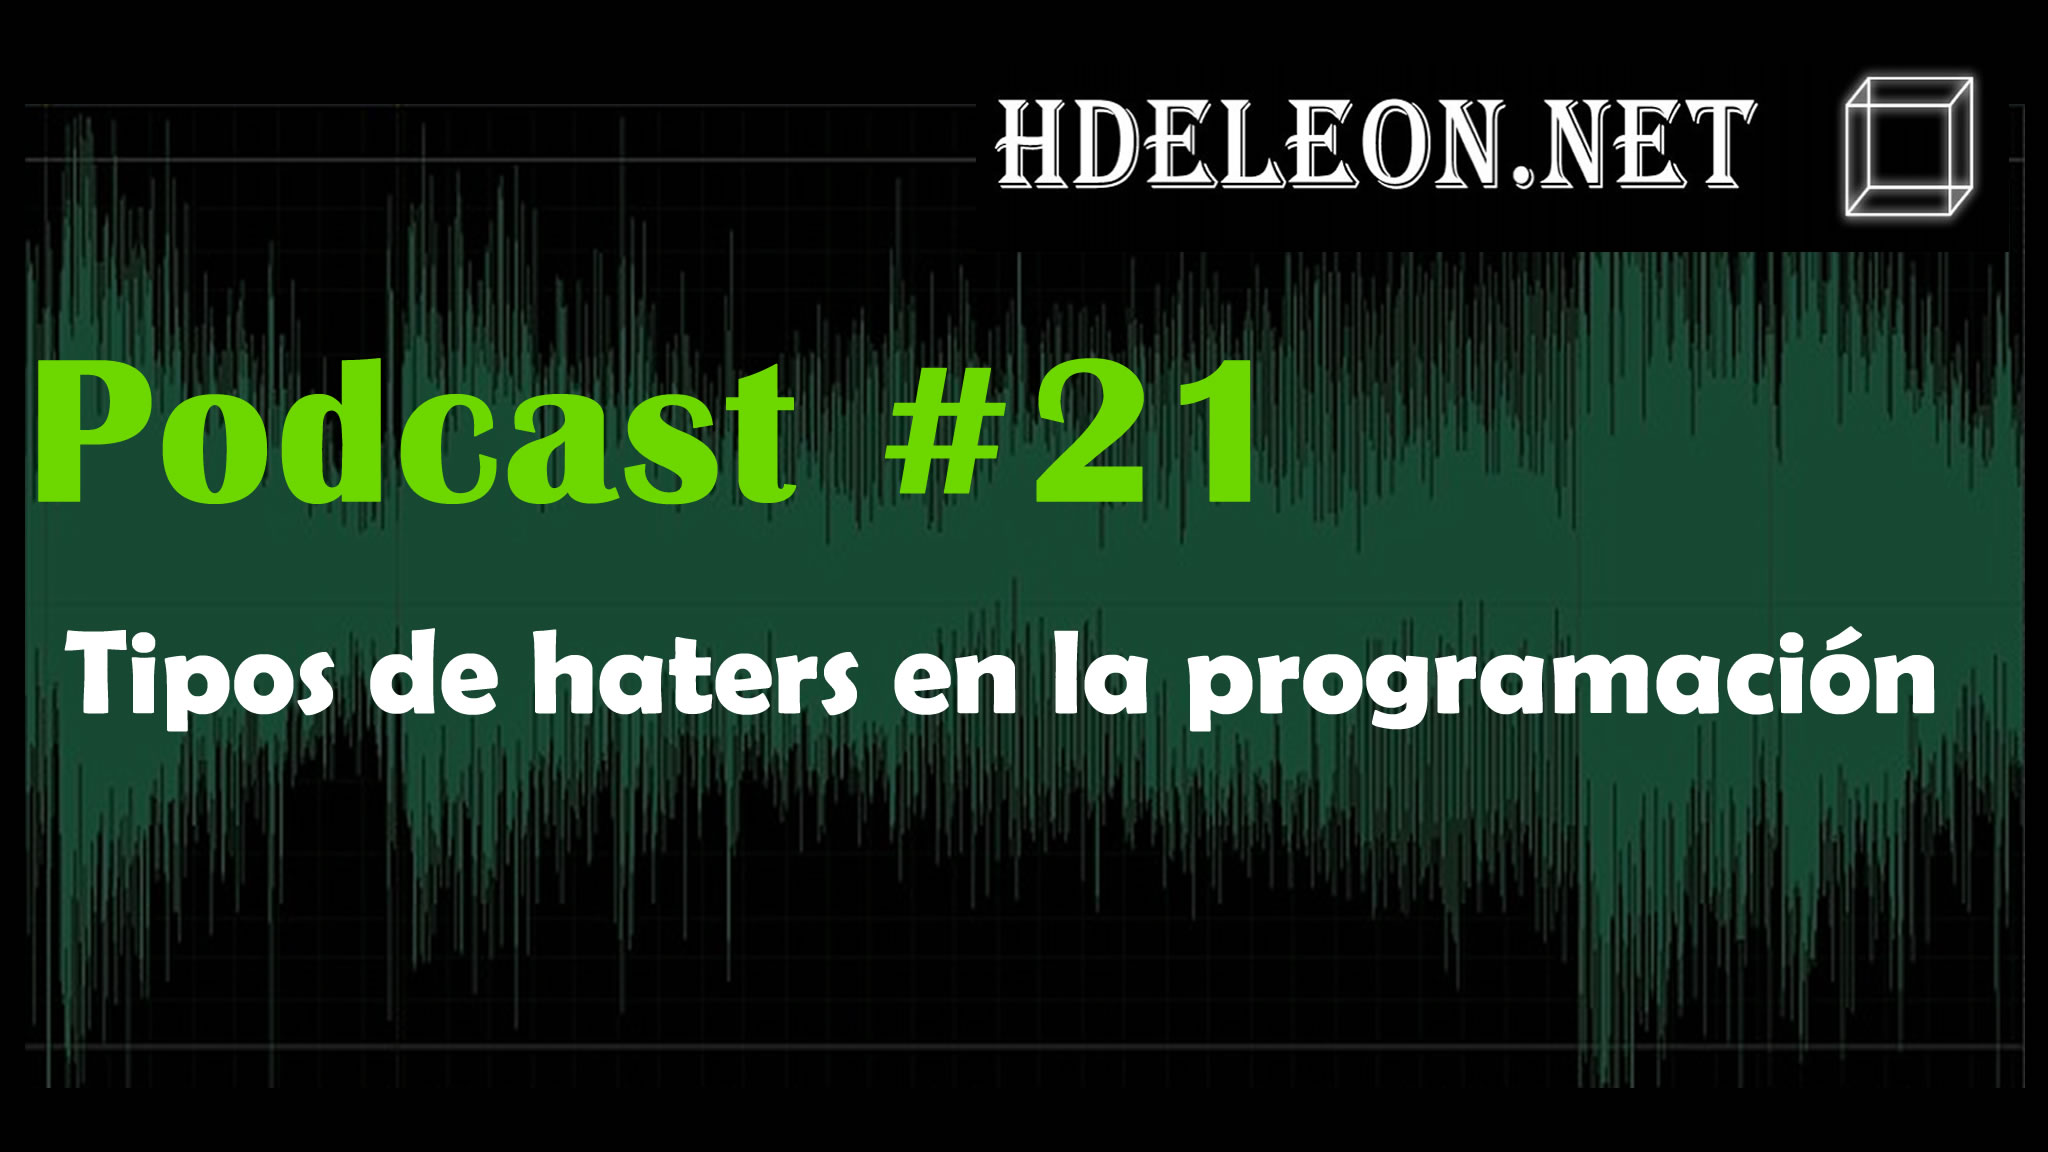 Podcast #21 – Tipos de haters en la programación